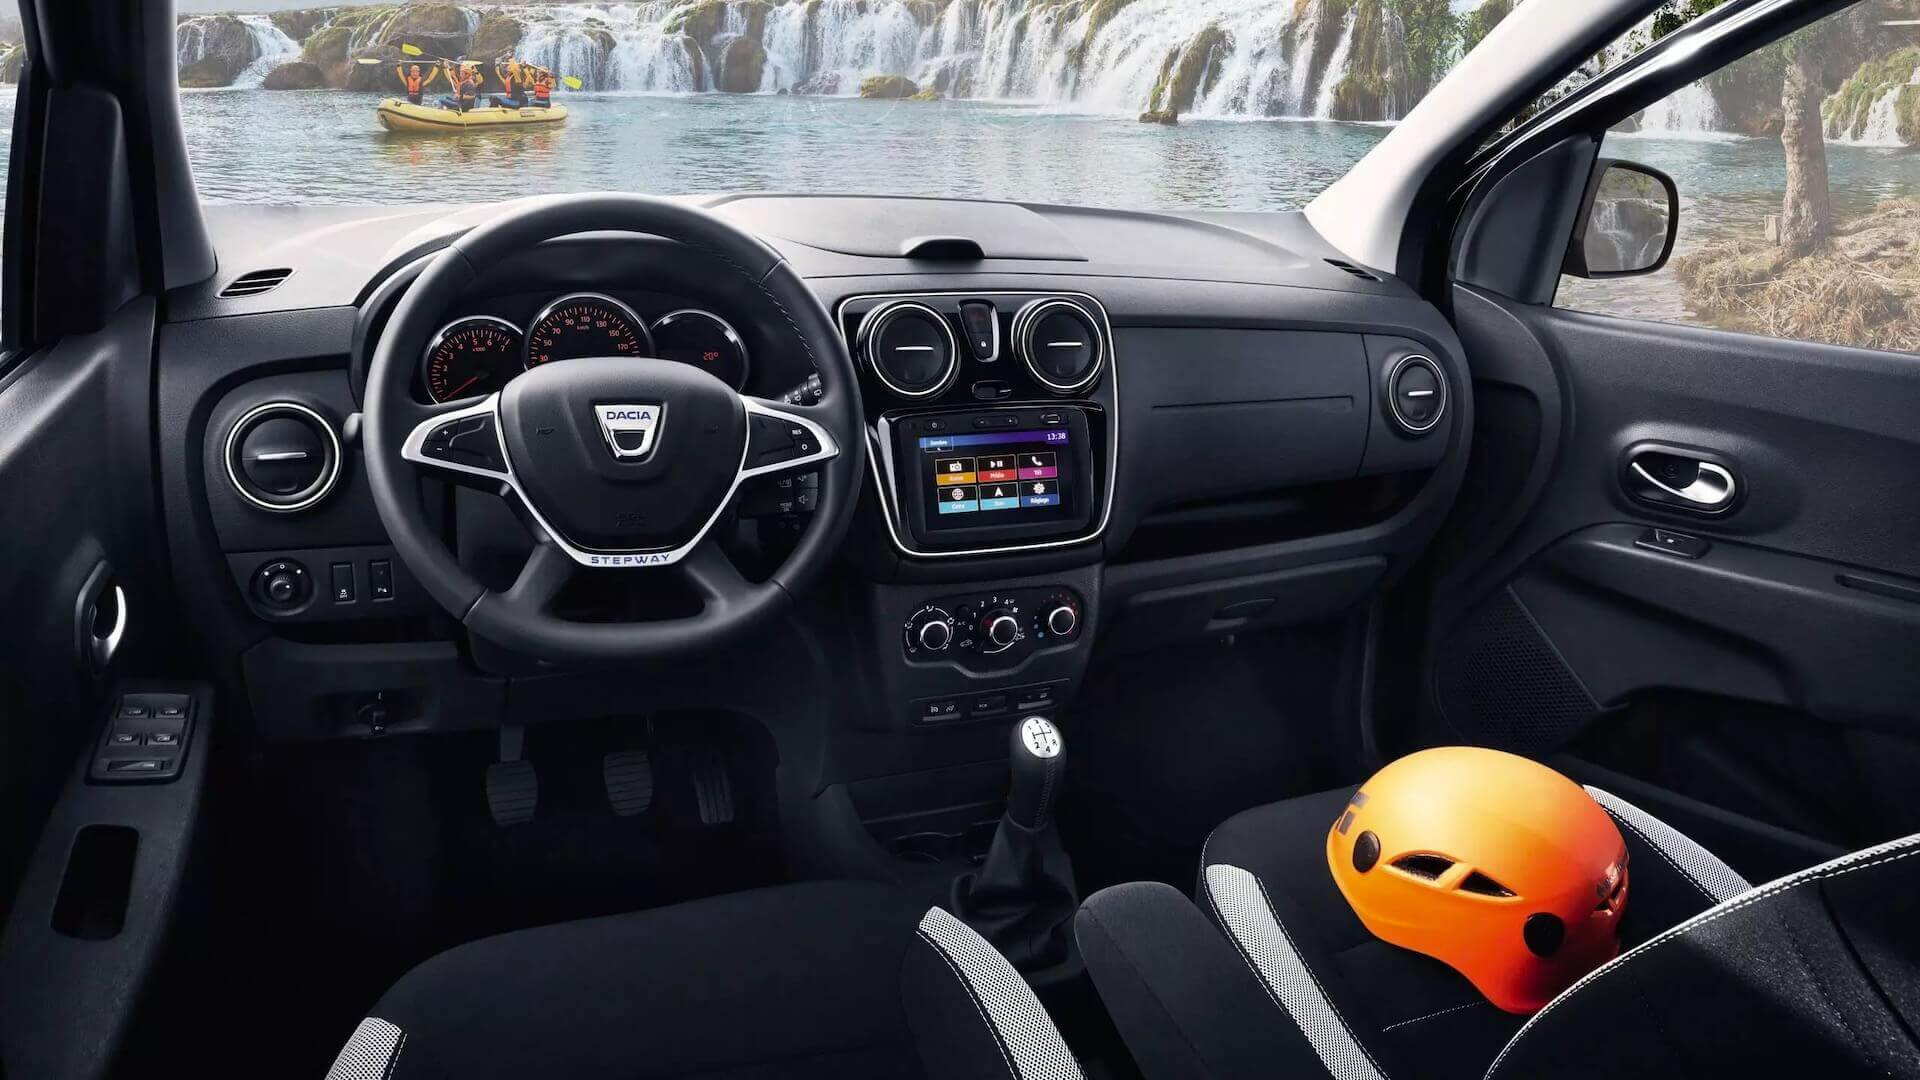 Cockpit - Innenansicht vom Auto - orangefarbener Helm liegt auf dem Beifahrersitz - Dacia Lodgy - Renault Ahrens Hannover